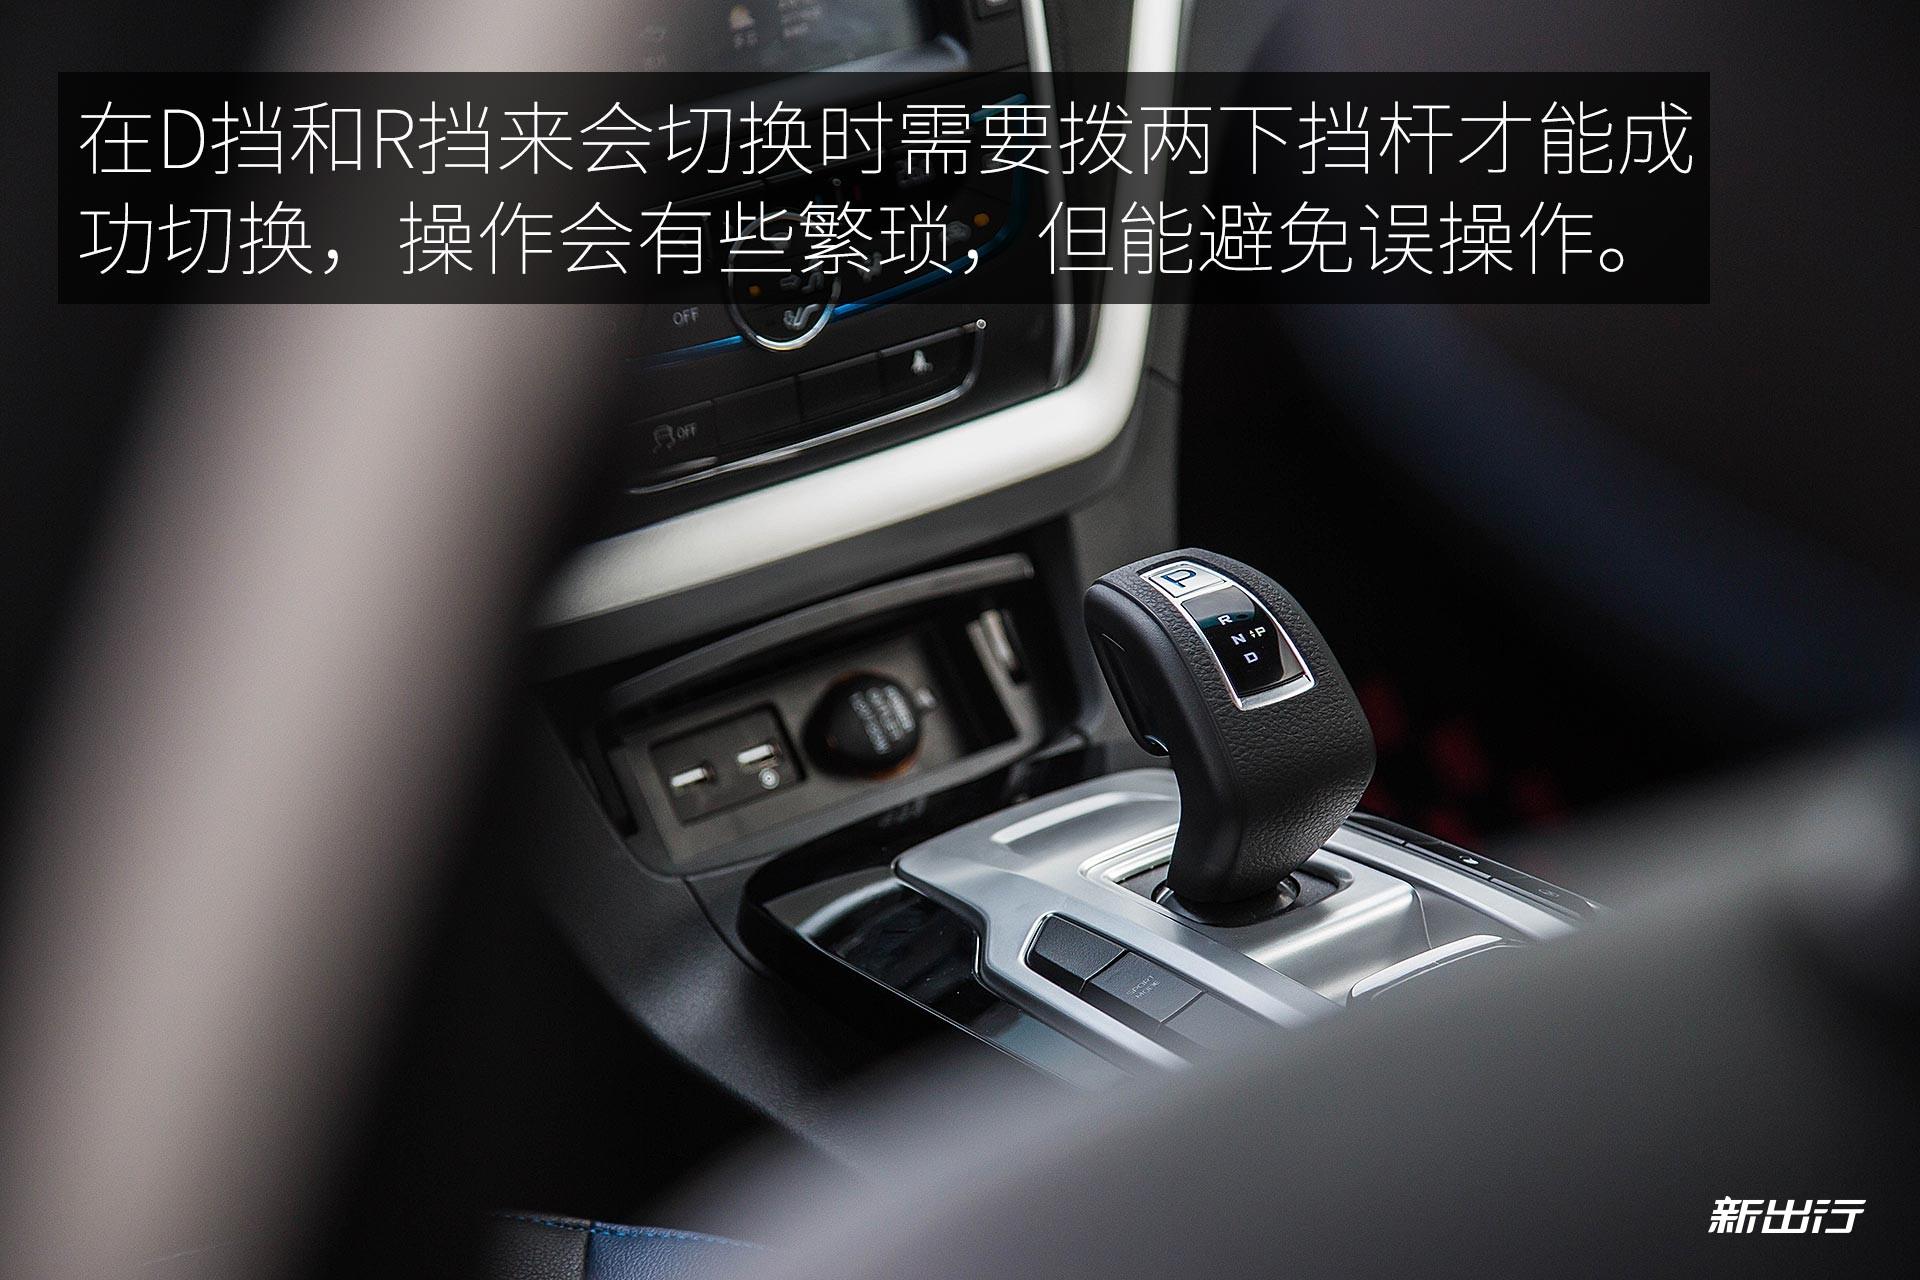 72-吉利帝豪EV300深度评测体验.jpg